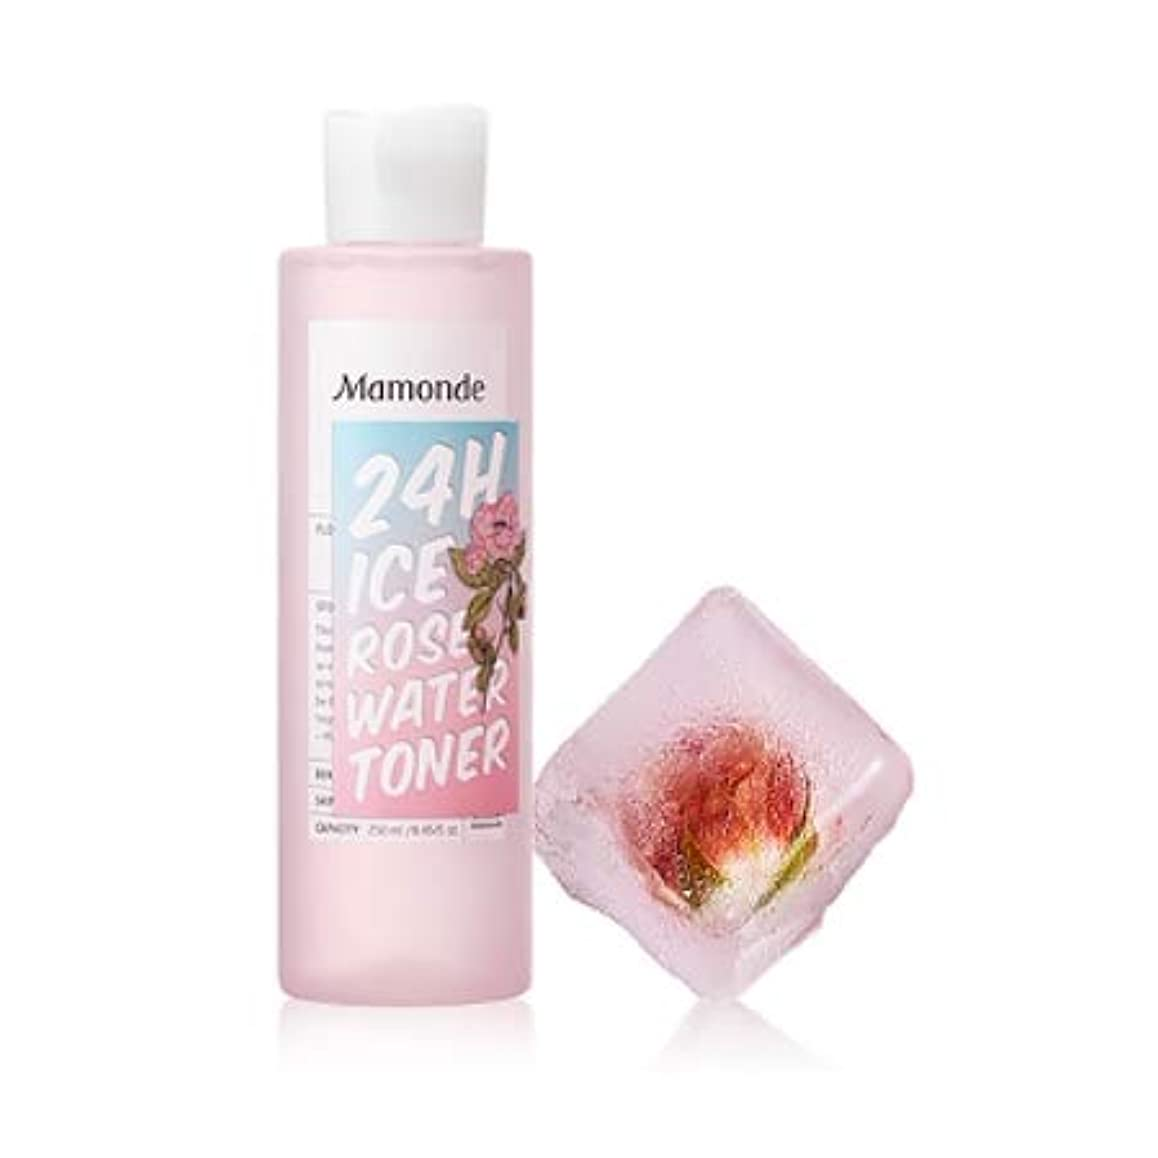 気づかないチャップ組み合わせる【マモンド.mamonde](公式)24Hアイスローズウォータートナー(250ml)(2019.05 new product)/ ice rose water toner